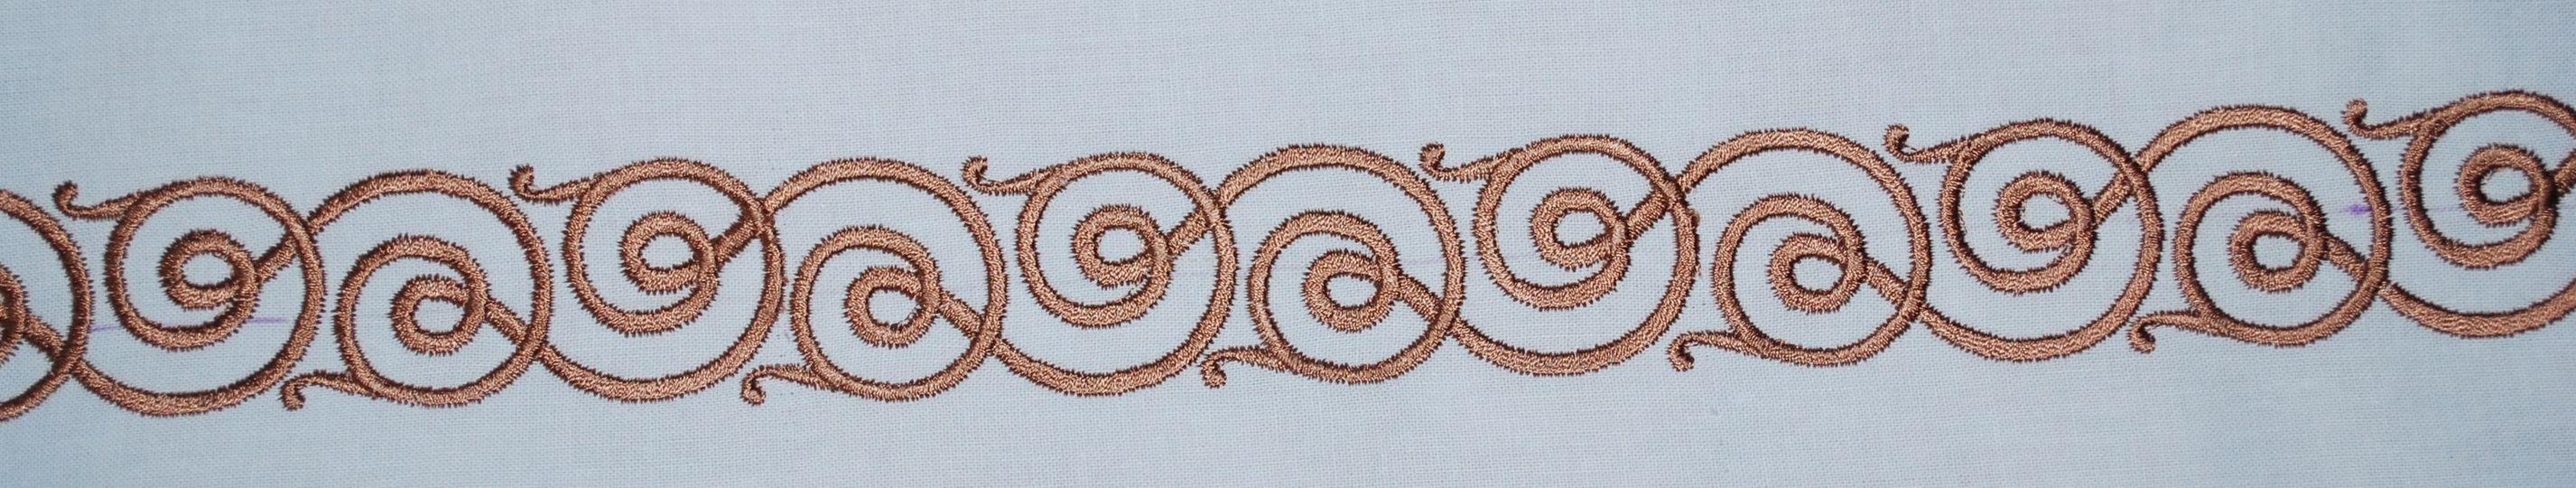 стыковка дизайна машинной вышивки на бытовой машинке 13